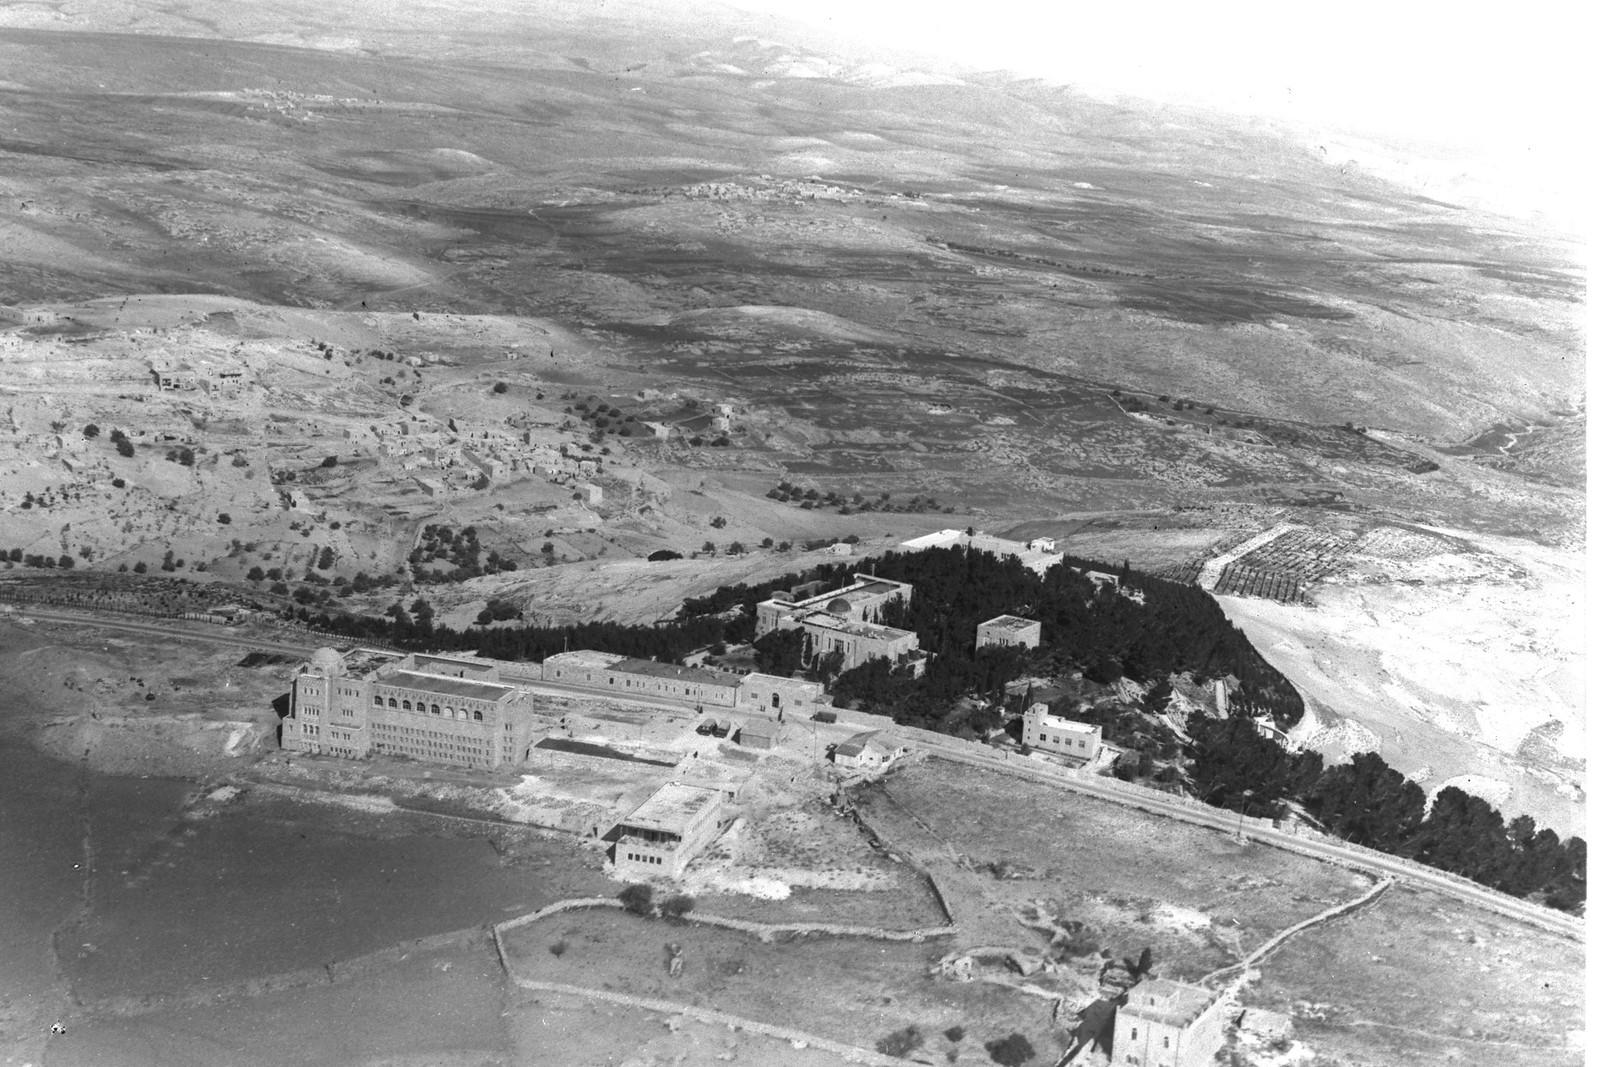 1937. Аэрофотоснимок Еврейского университета на горе Скопус, Иерусалим